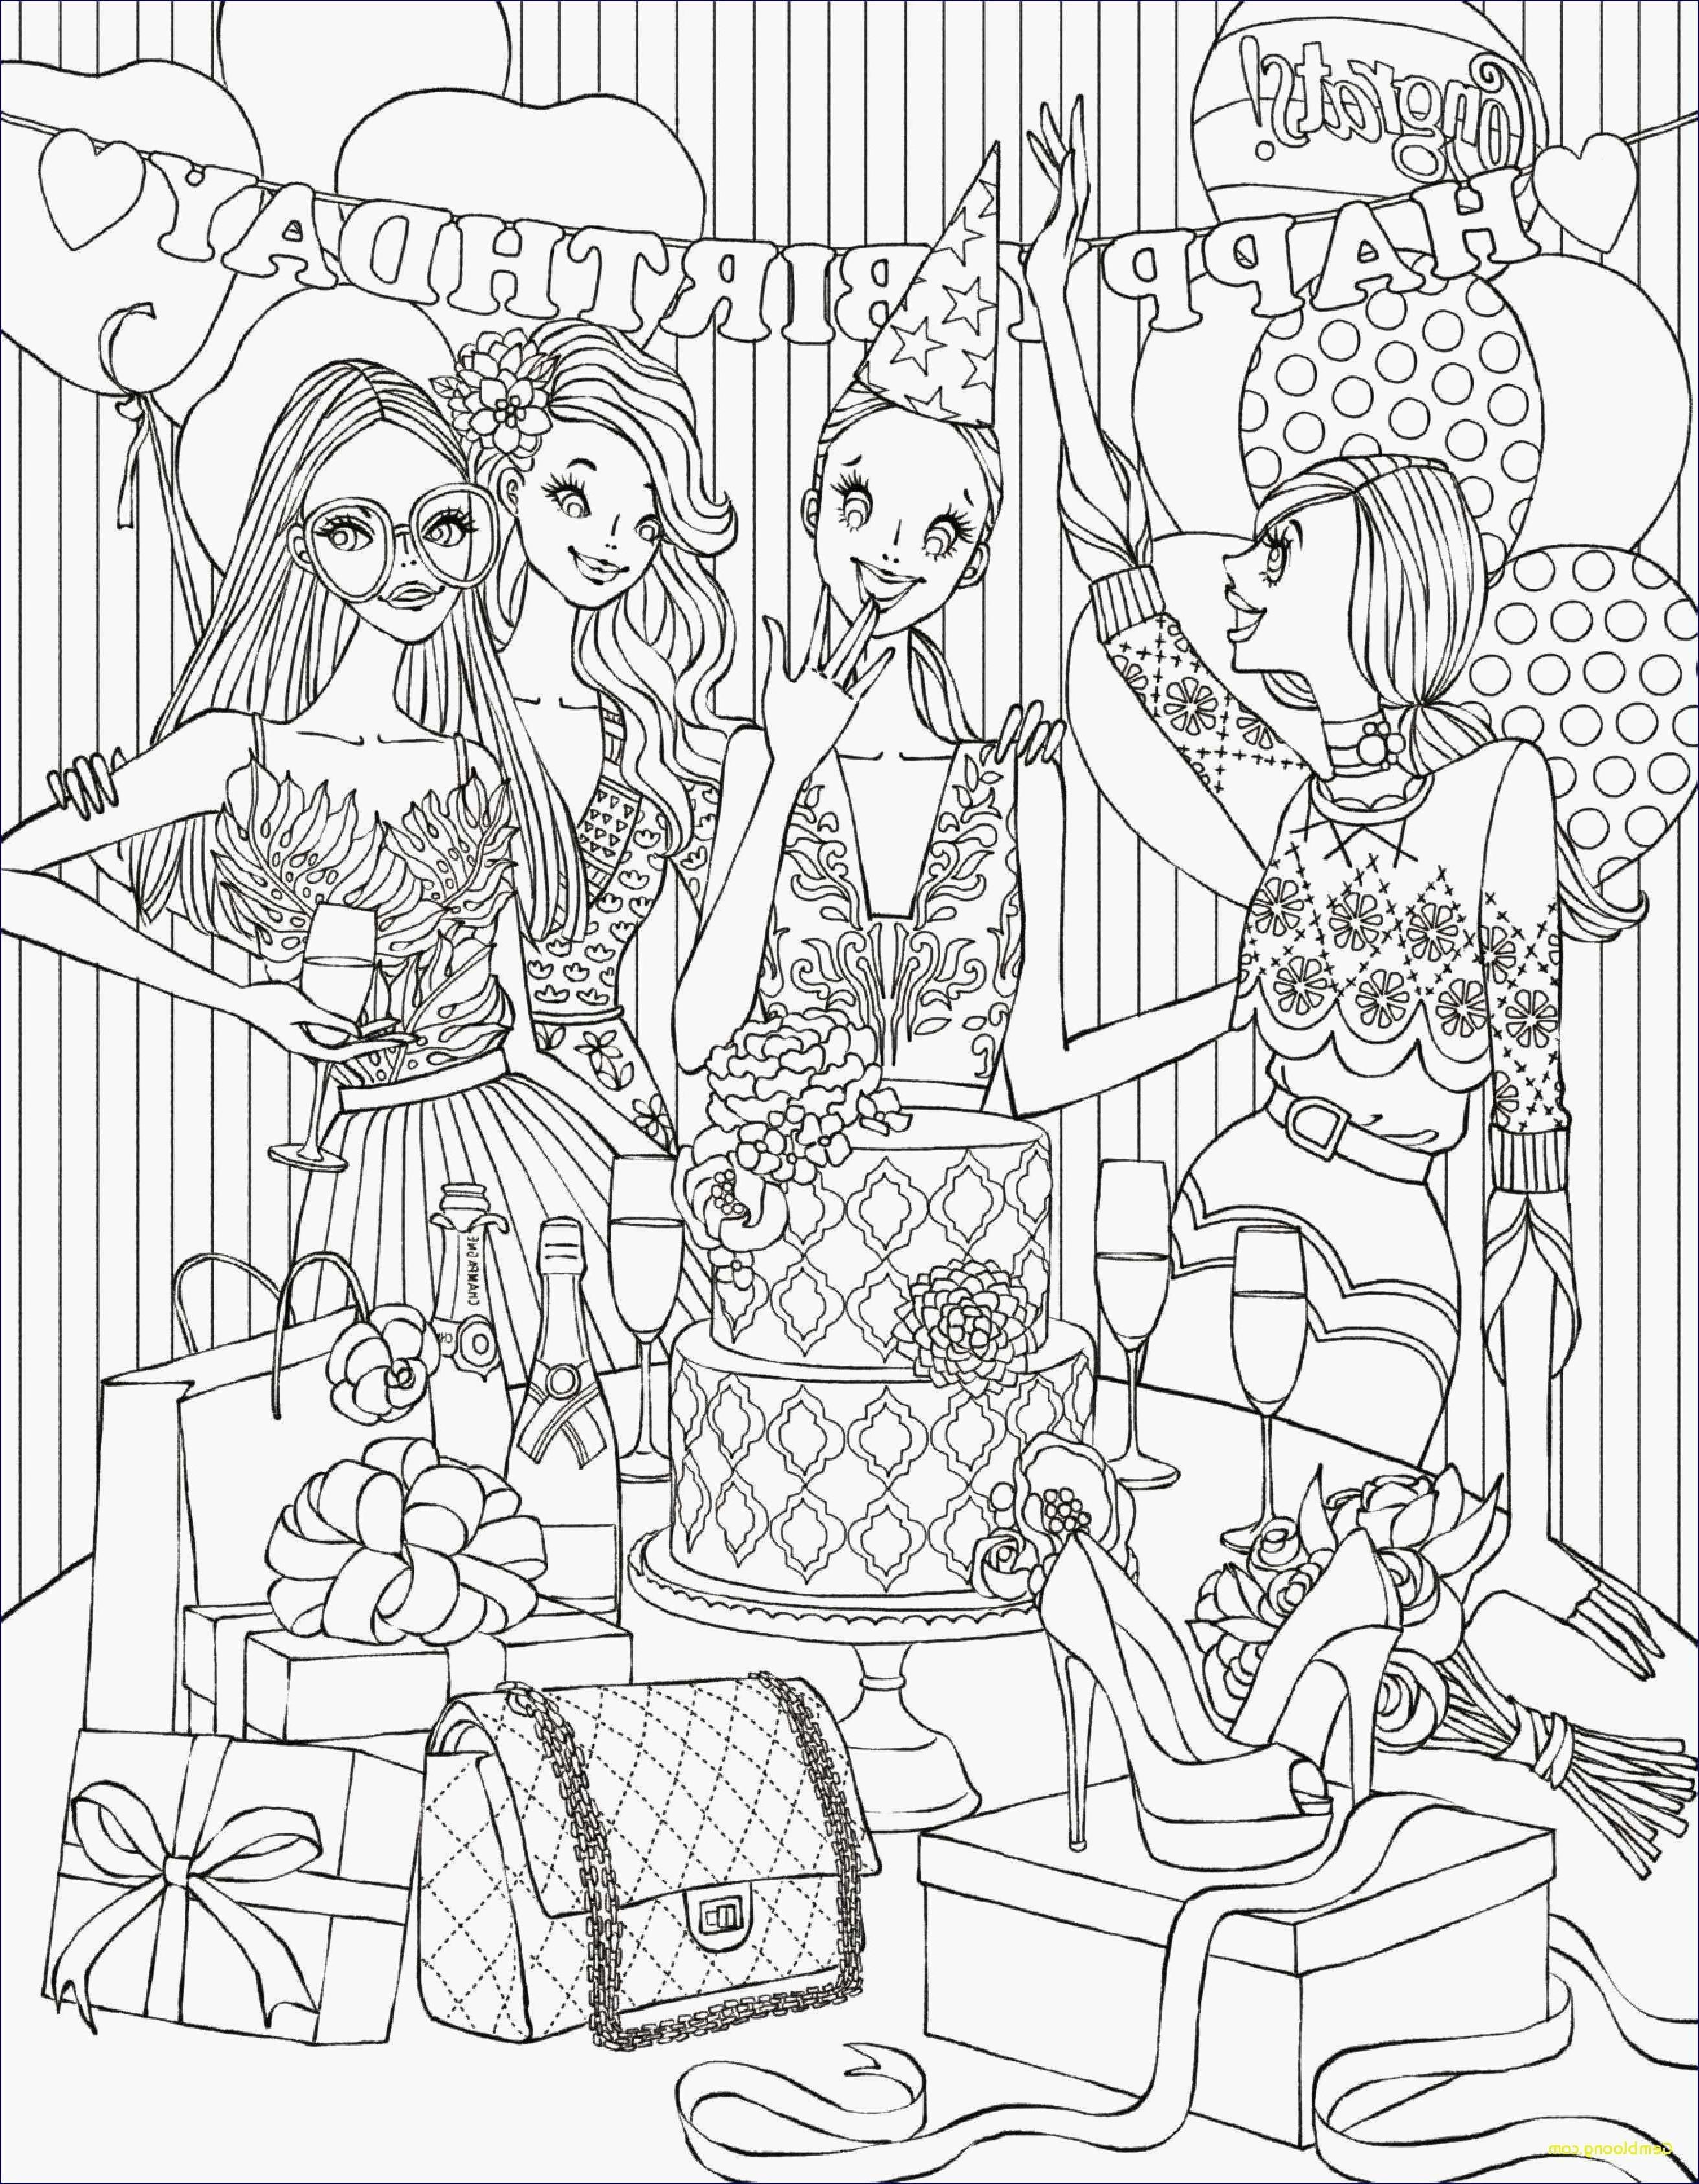 Ausmalbilder Bibi Und Tina 4 Das Beste Von 29 Elegant Bibi Und Tina 4 Ausmalbilder – Malvorlagen Ideen Das Bild